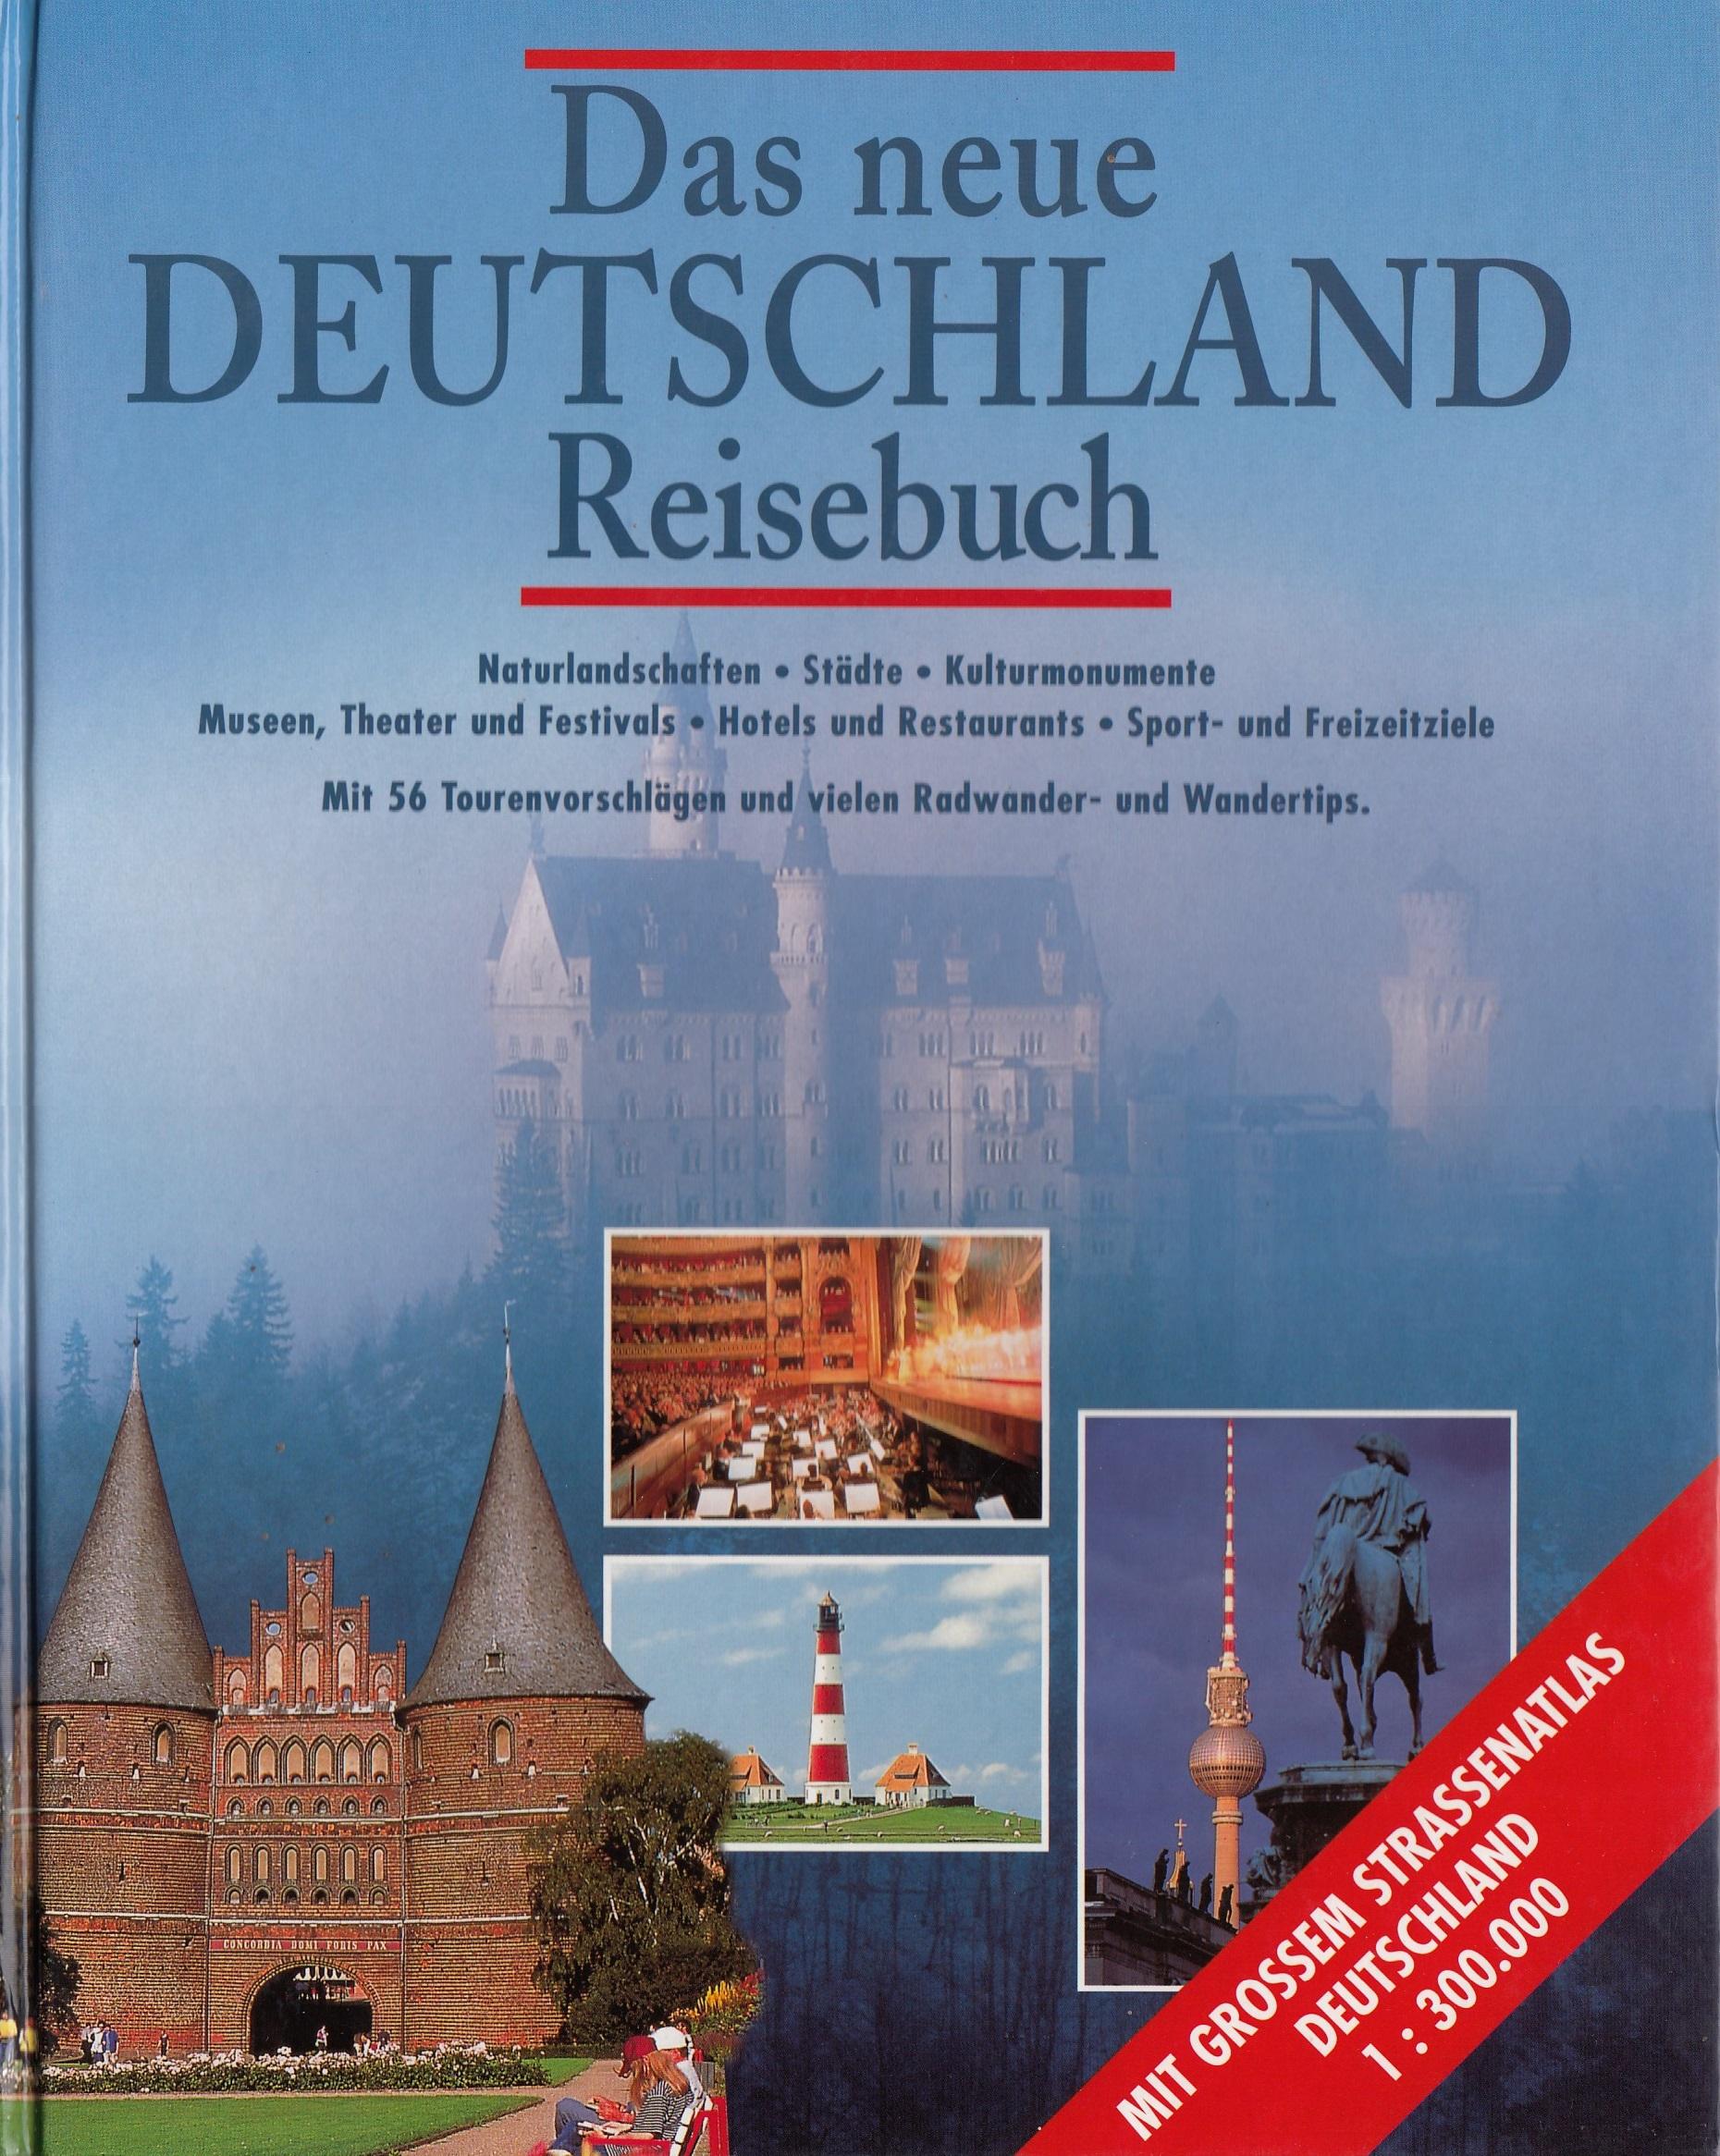 Das neue Deutschland Reisebuch: Naturlandschaft...